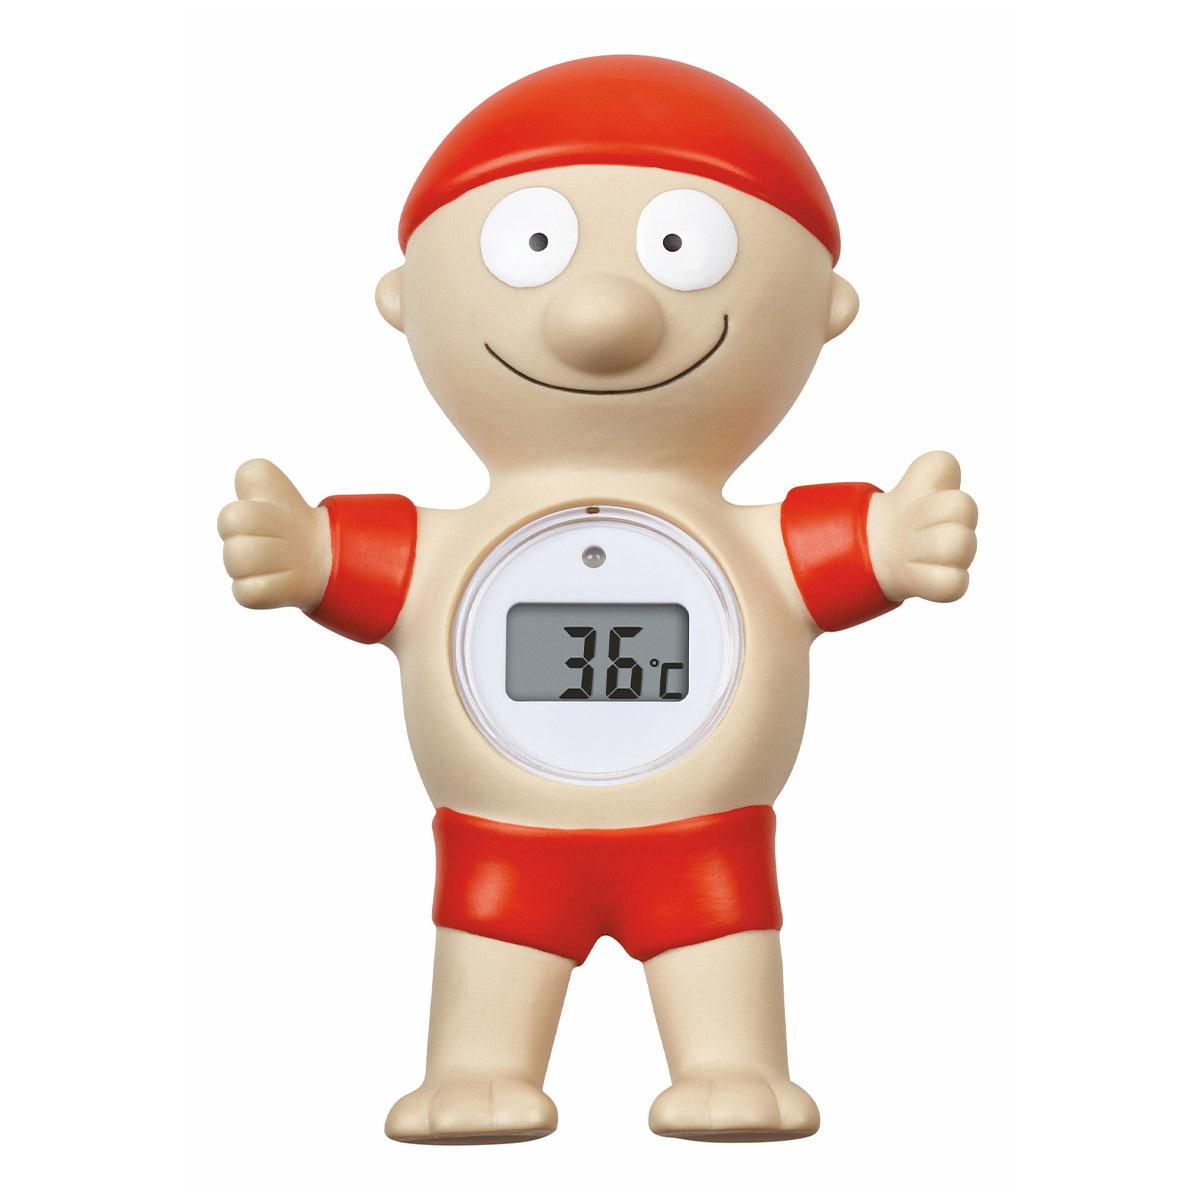 30-2032-05-digitales-badethermometer-bademeister-1200x1200px.jpg